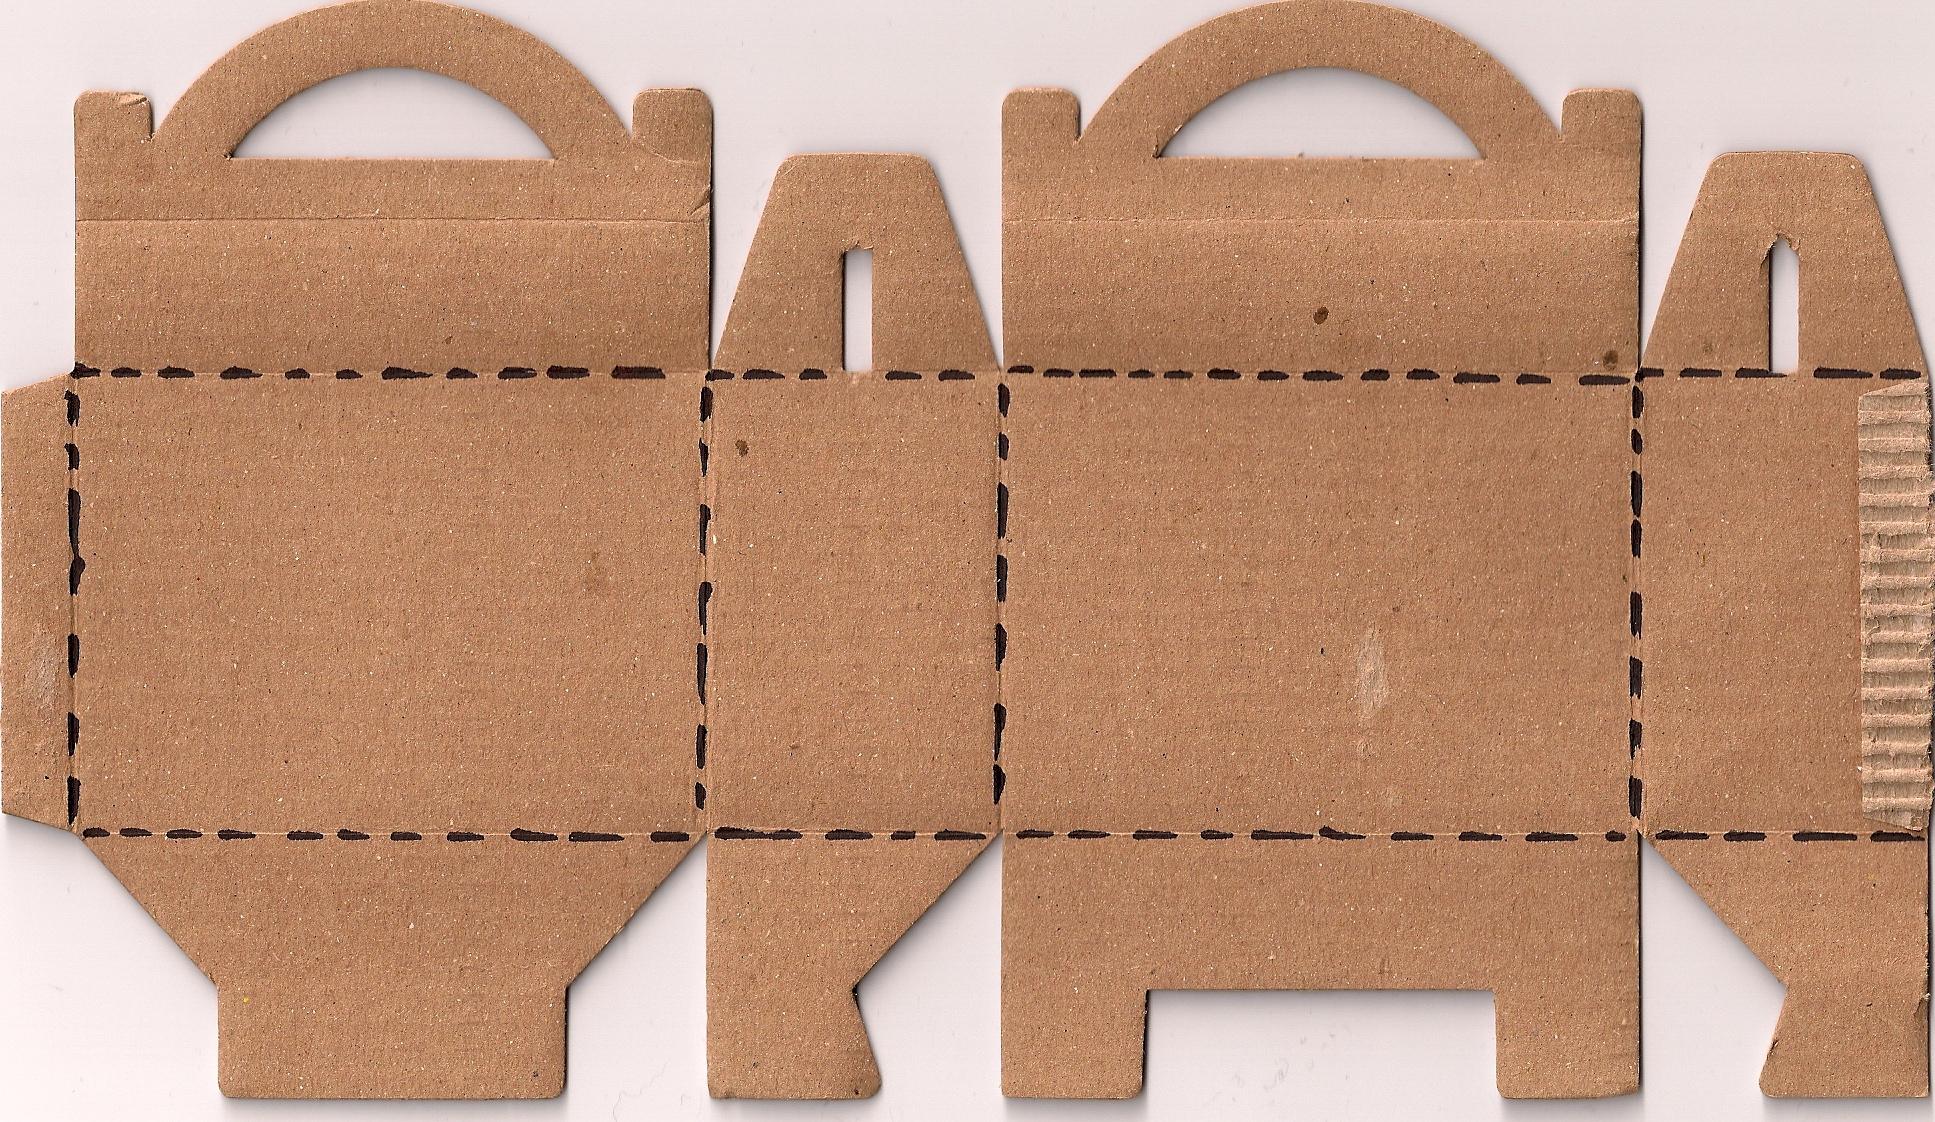 fabriquer une valise en papier conception carte. Black Bedroom Furniture Sets. Home Design Ideas